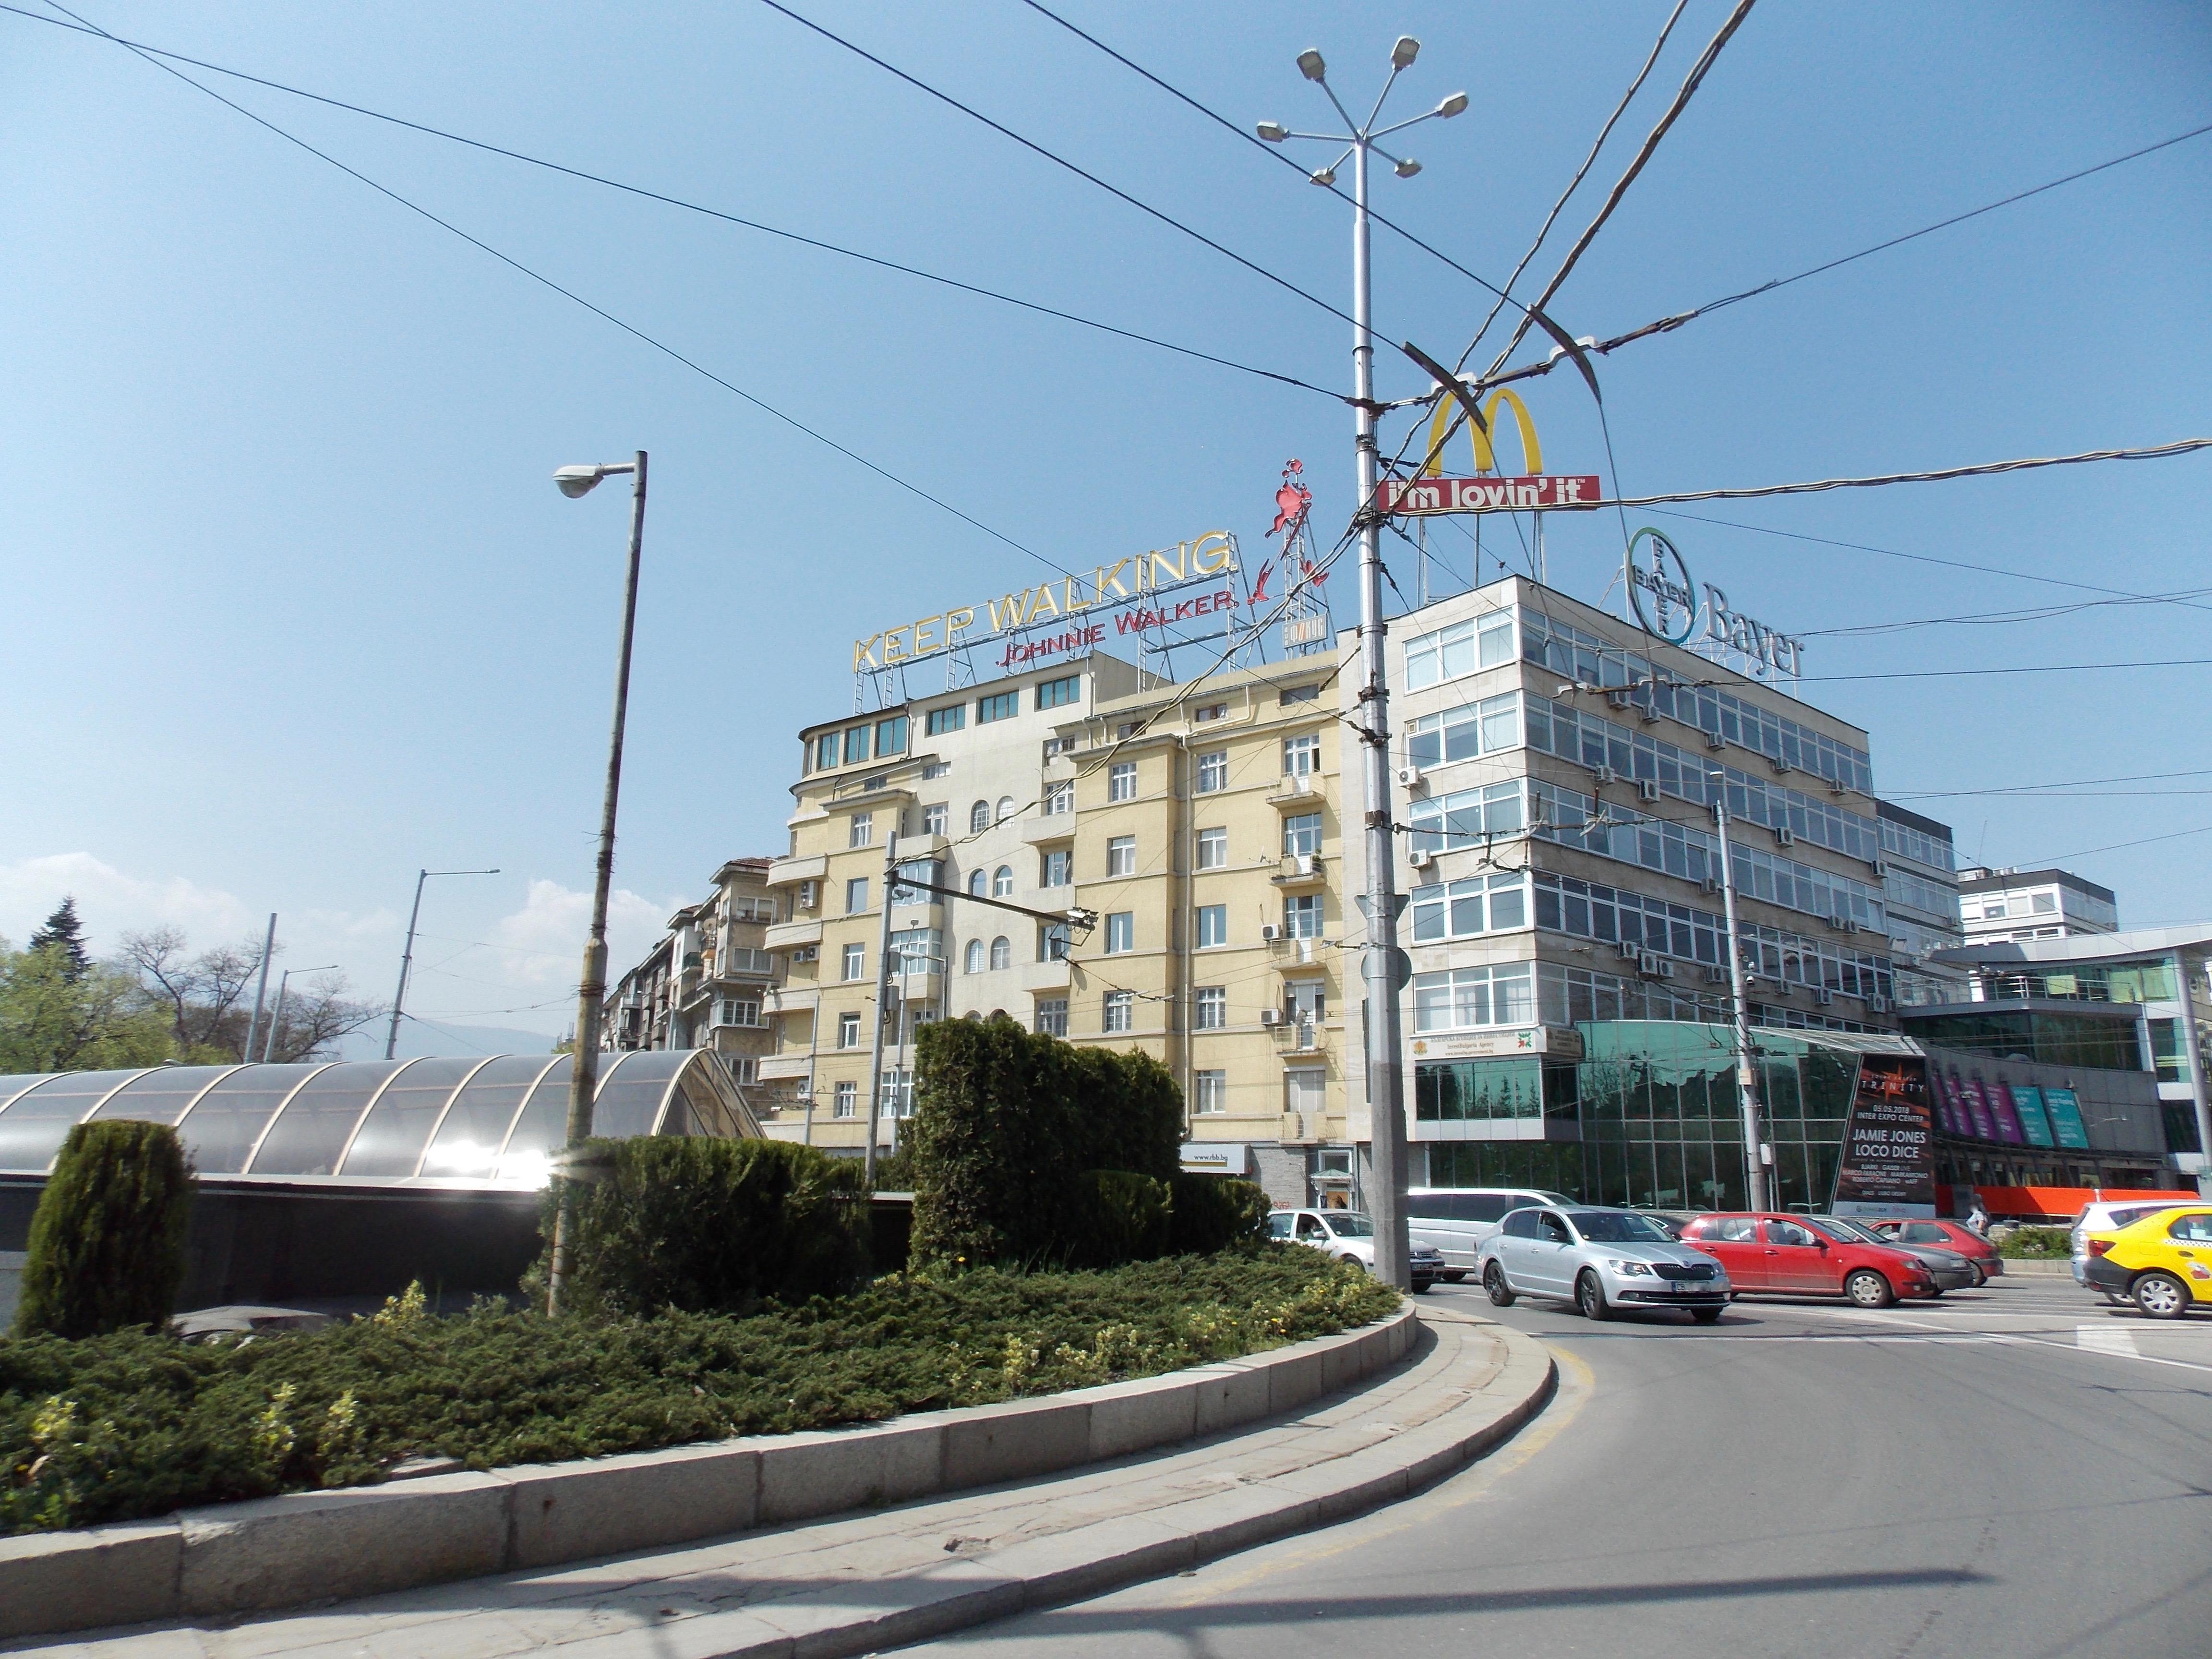 Detektive in Sofia Bulgarien im Einsatz